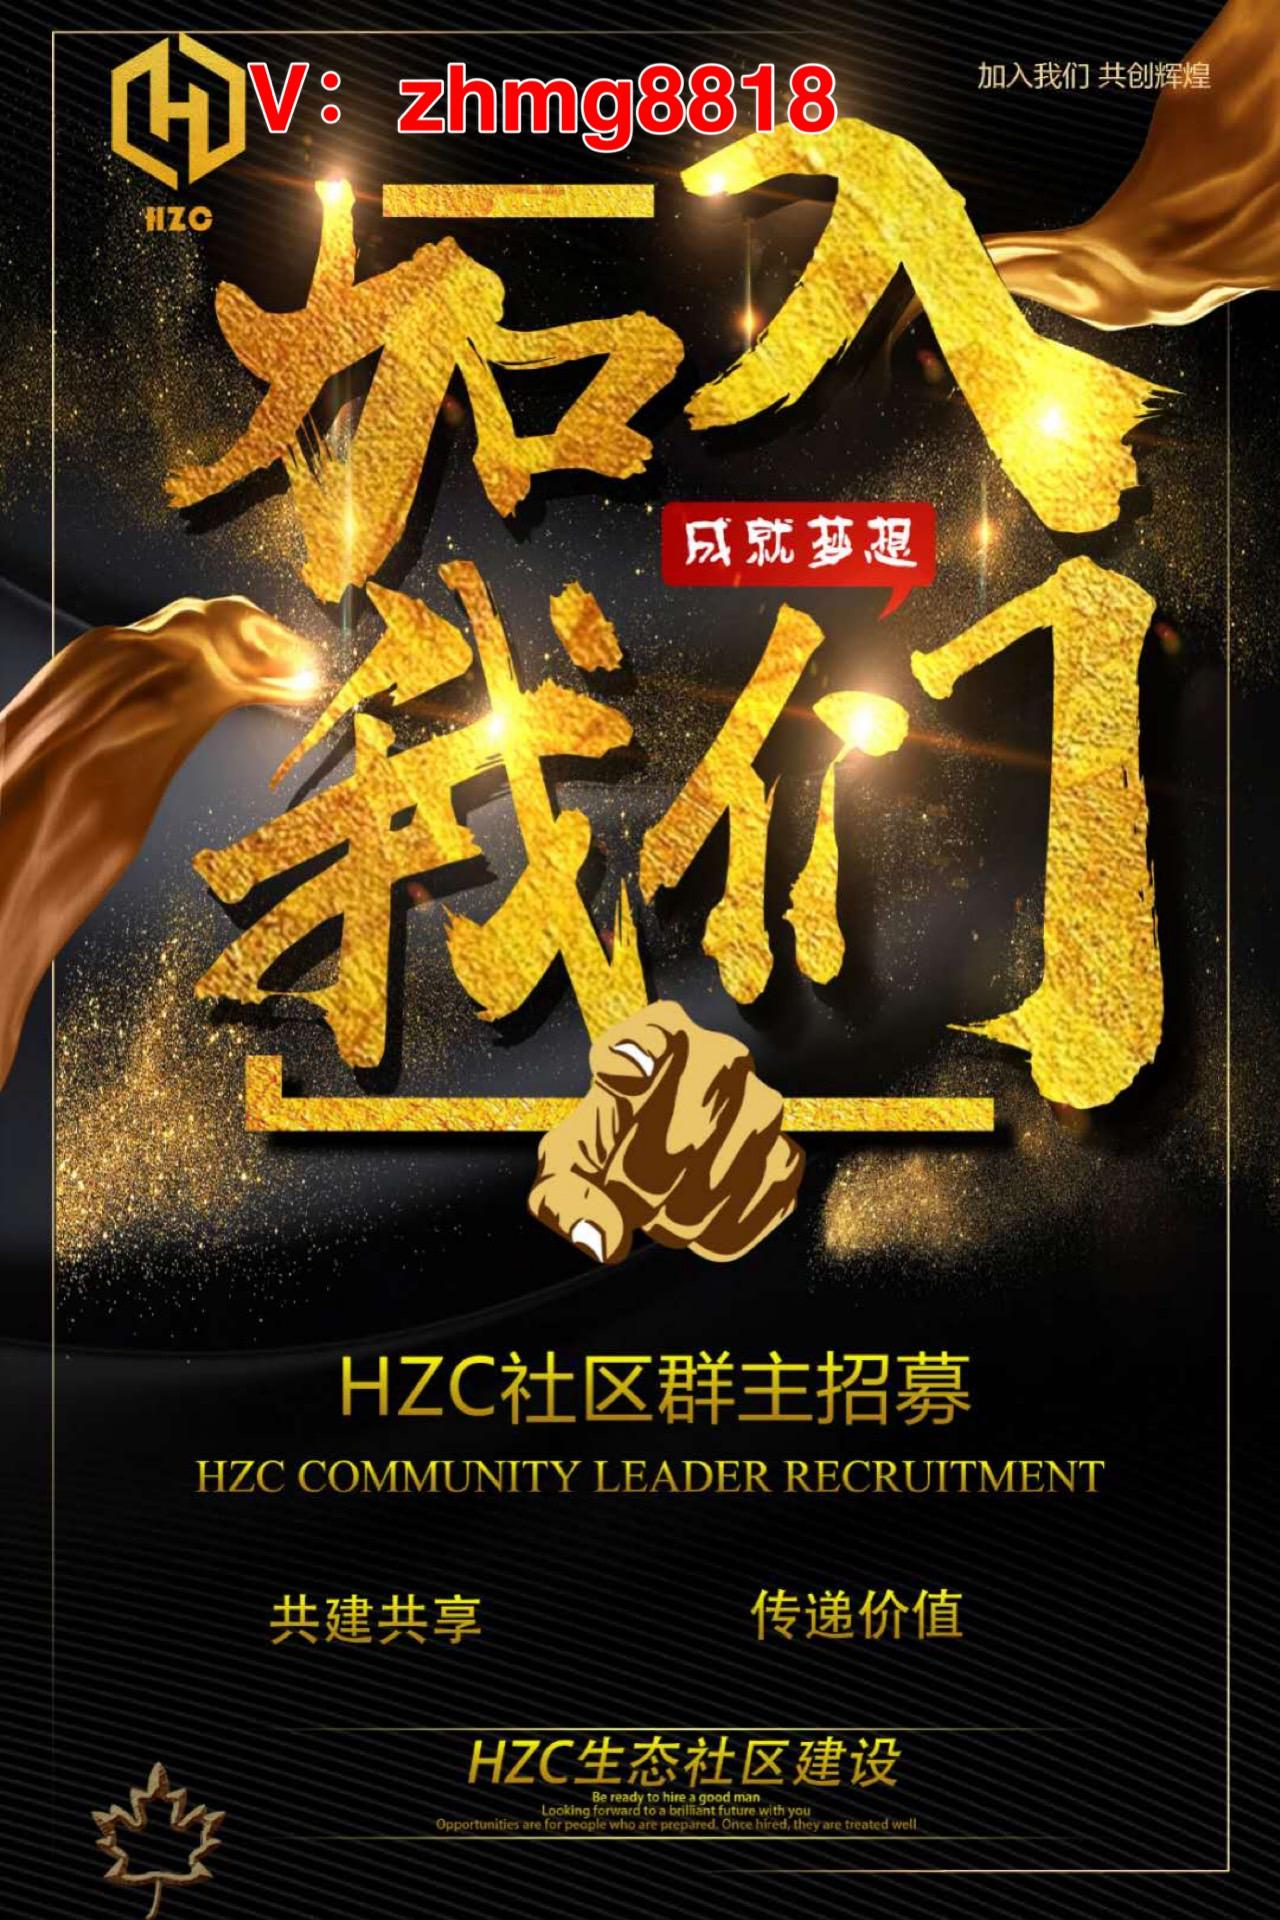 为什么加入赫兹hzc,哪个团队好,赫兹hzc联系全网对接总统